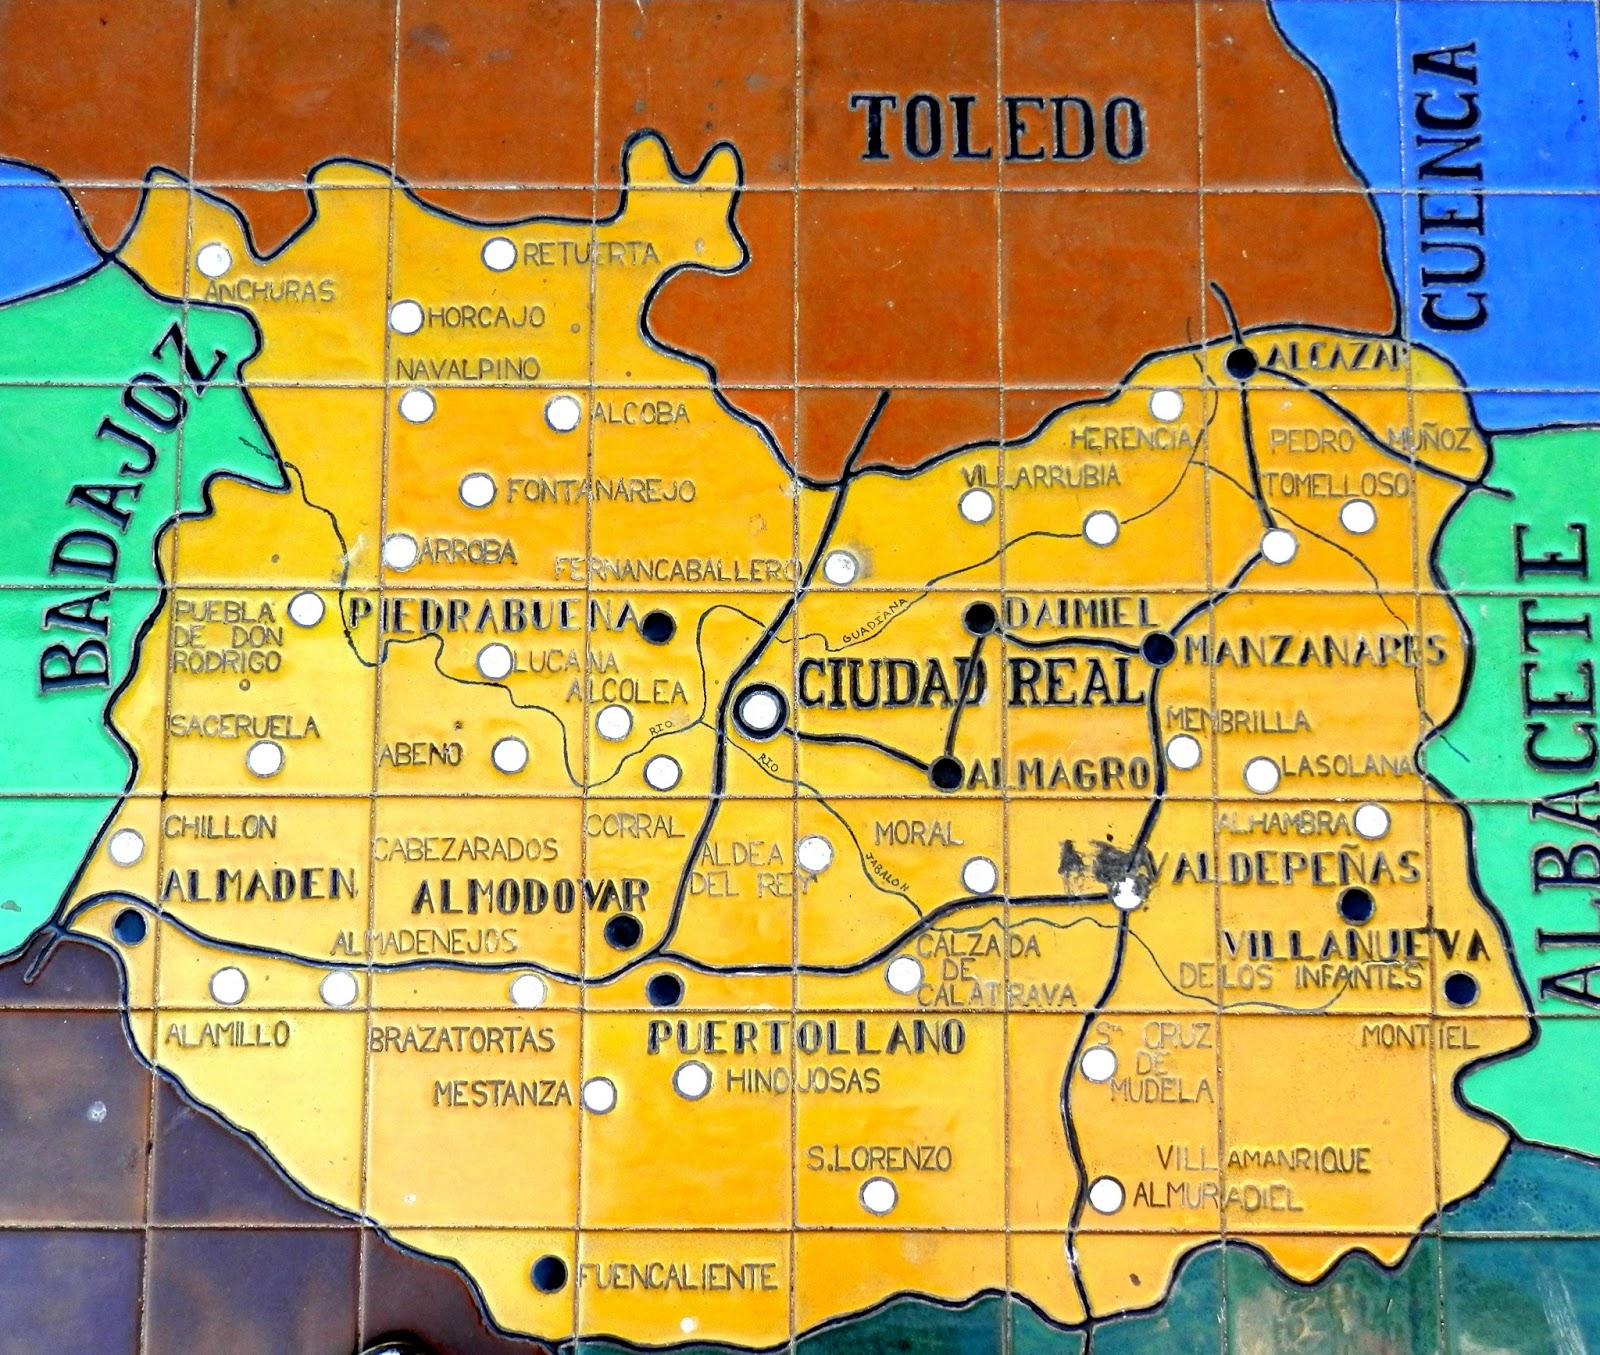 El sayon ciudad real en la plaza de espa a de sevilla - Plano de ciudad real ...